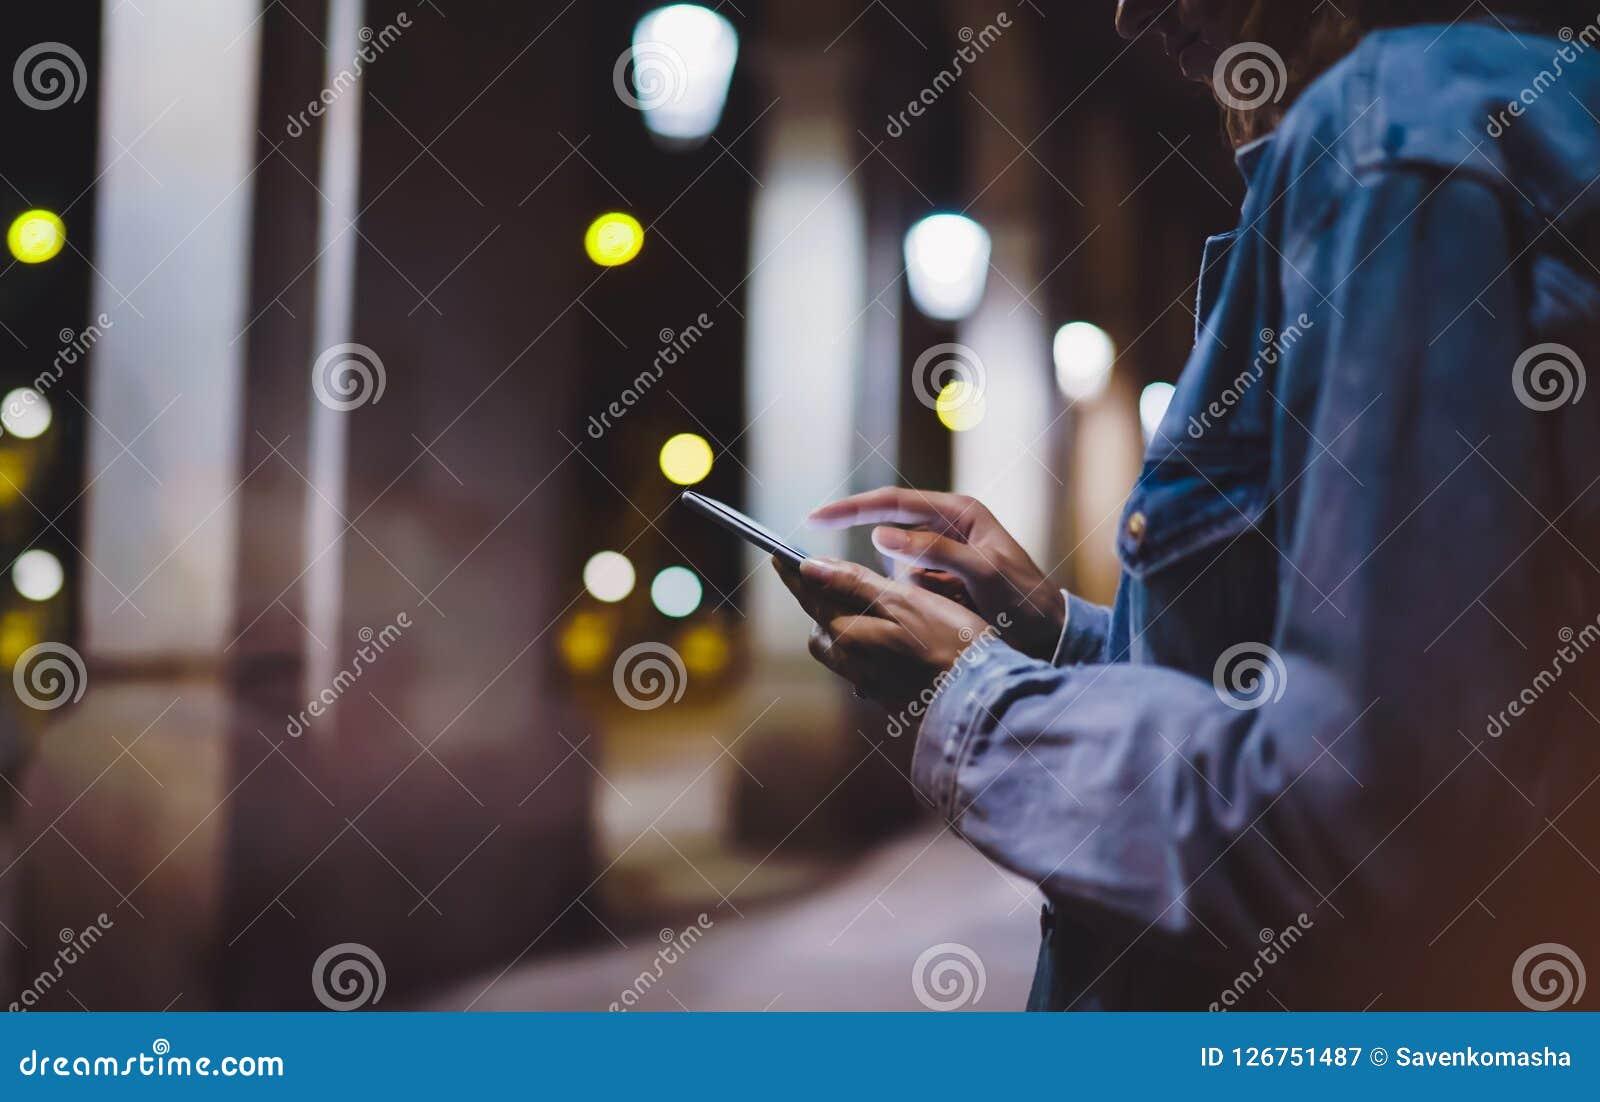 Menina que aponta o dedo no smartphone da tela na luz na cidade atmosférica da noite, utilização do bokeh do fulgor da iluminação